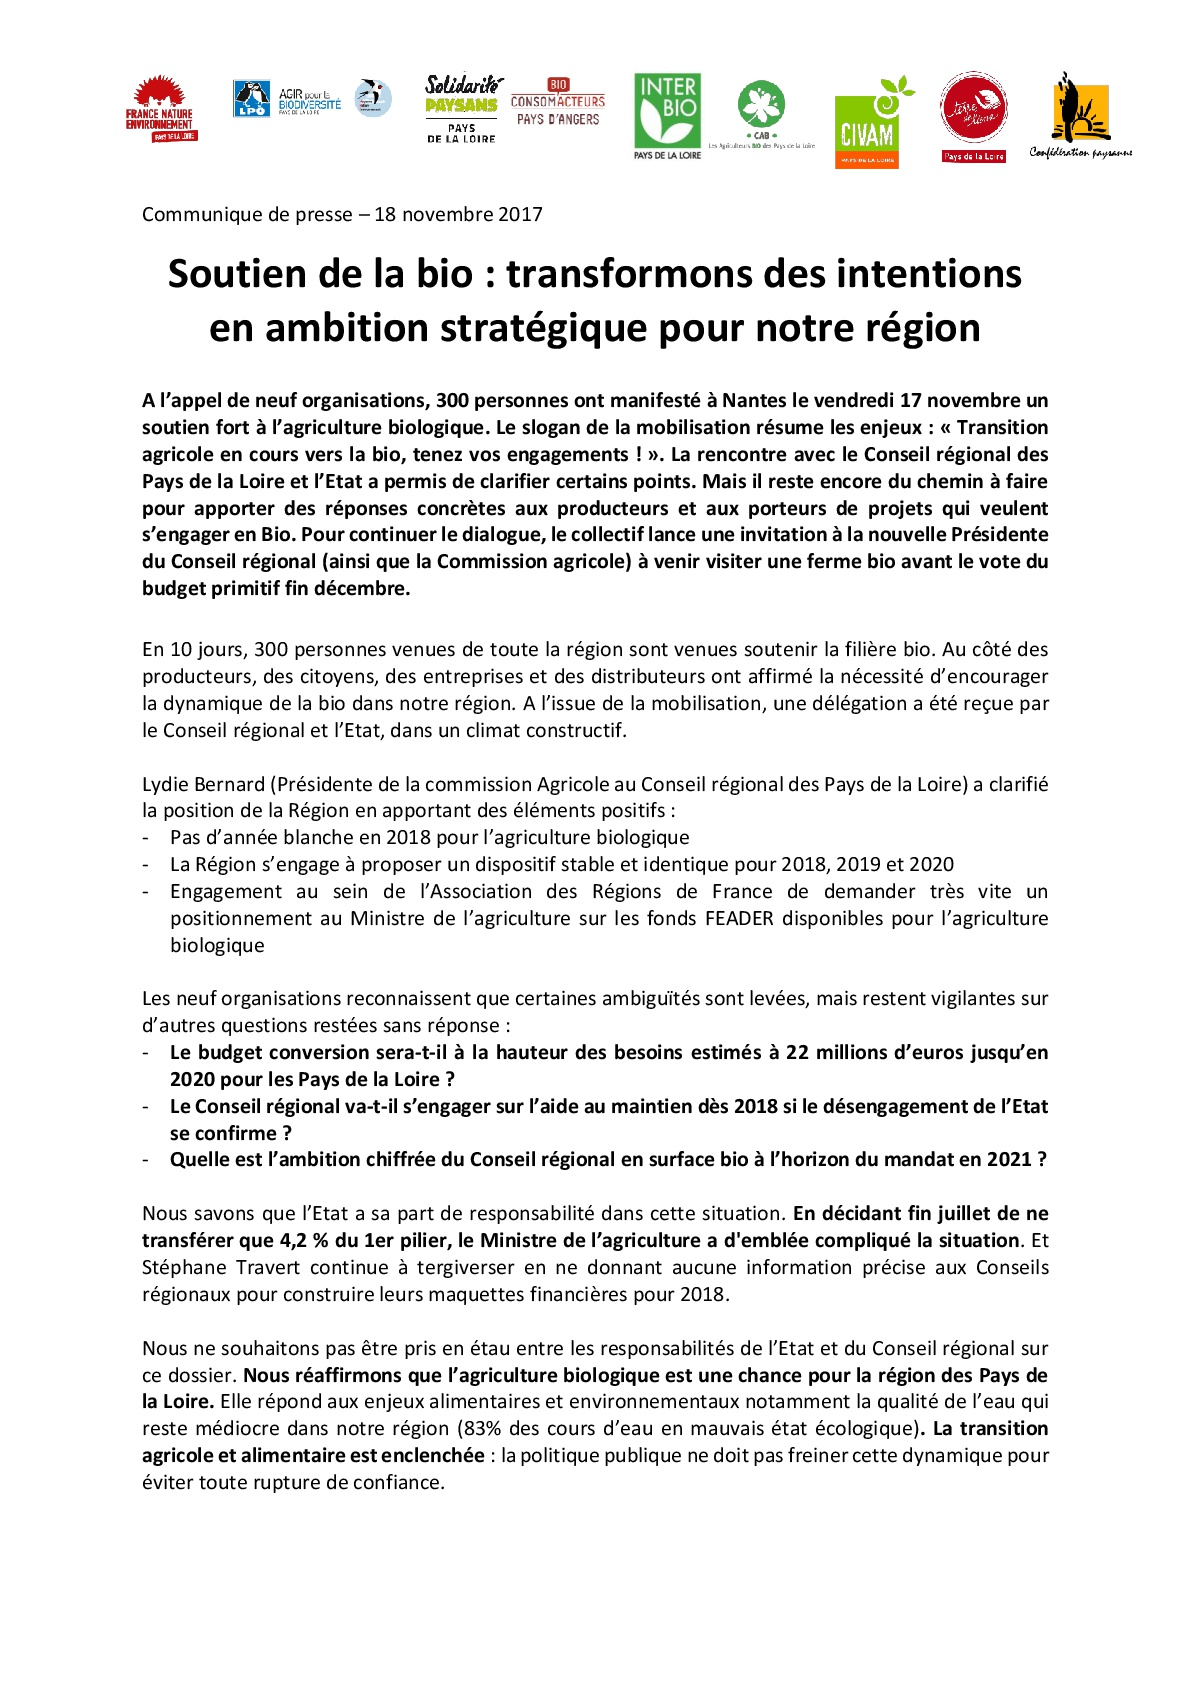 cp-bilan-mobilisation-bio-001.jpg